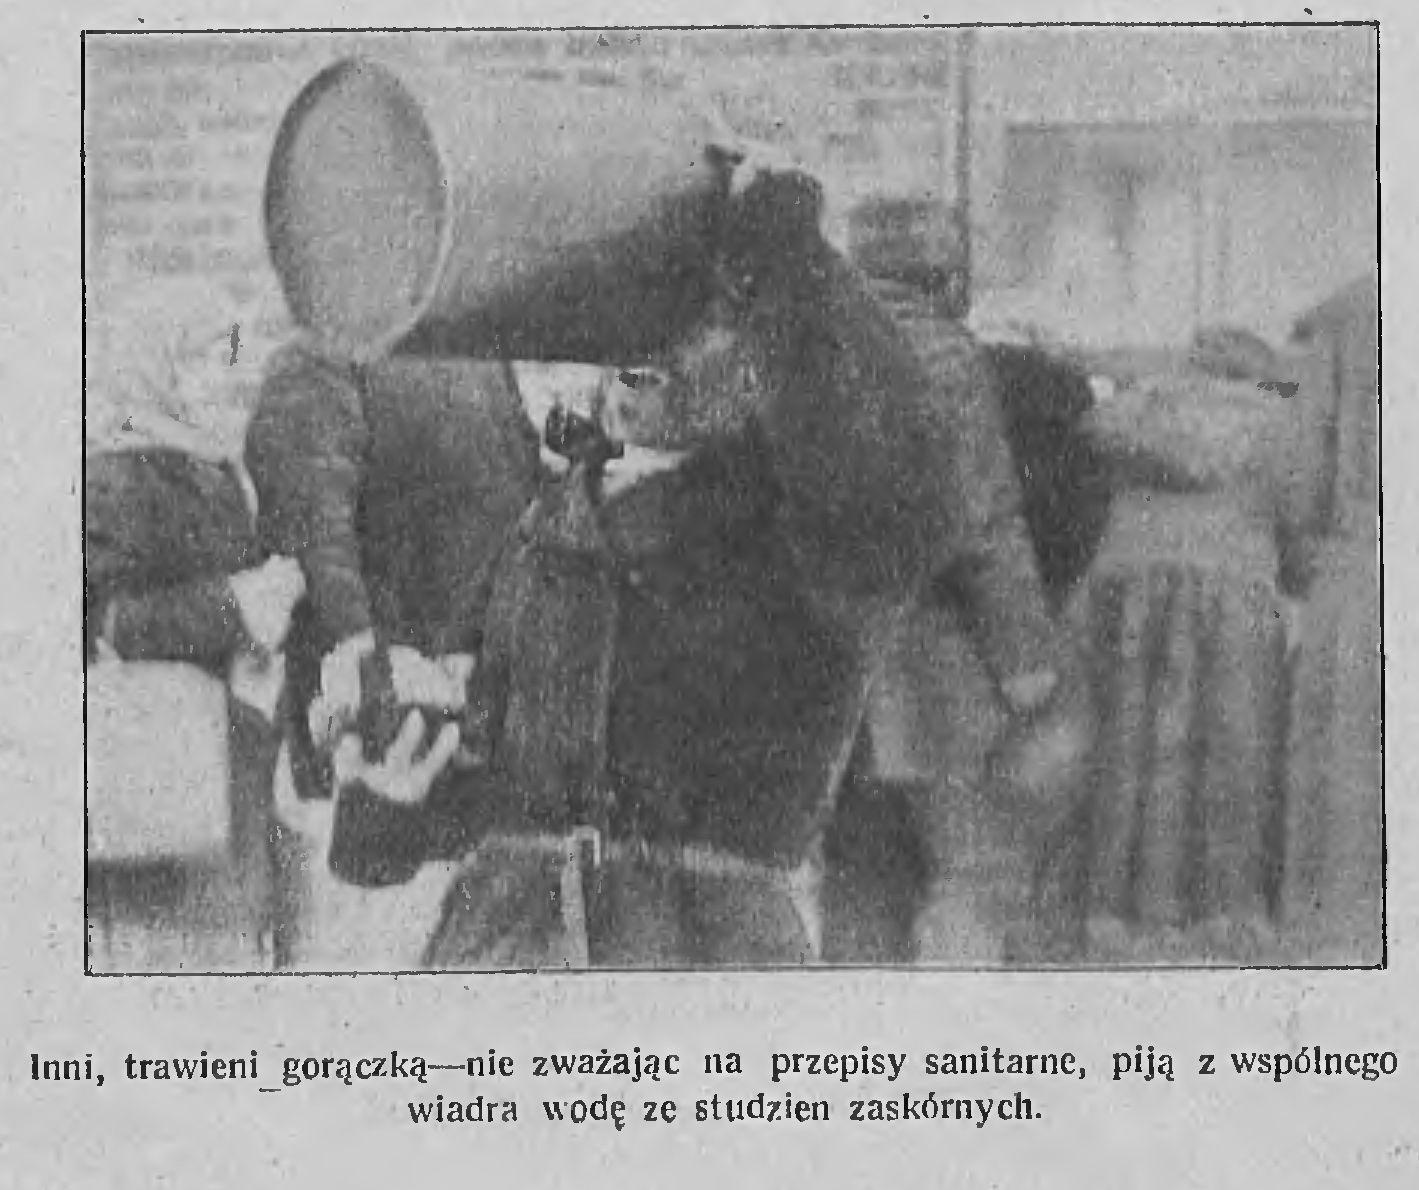 Некаторыя, у гарачцы, не зважаючы на санітарныя правілы, п'юць з агульнага вядра. Фота: Tygodnik Illustrowany, 1922, №6